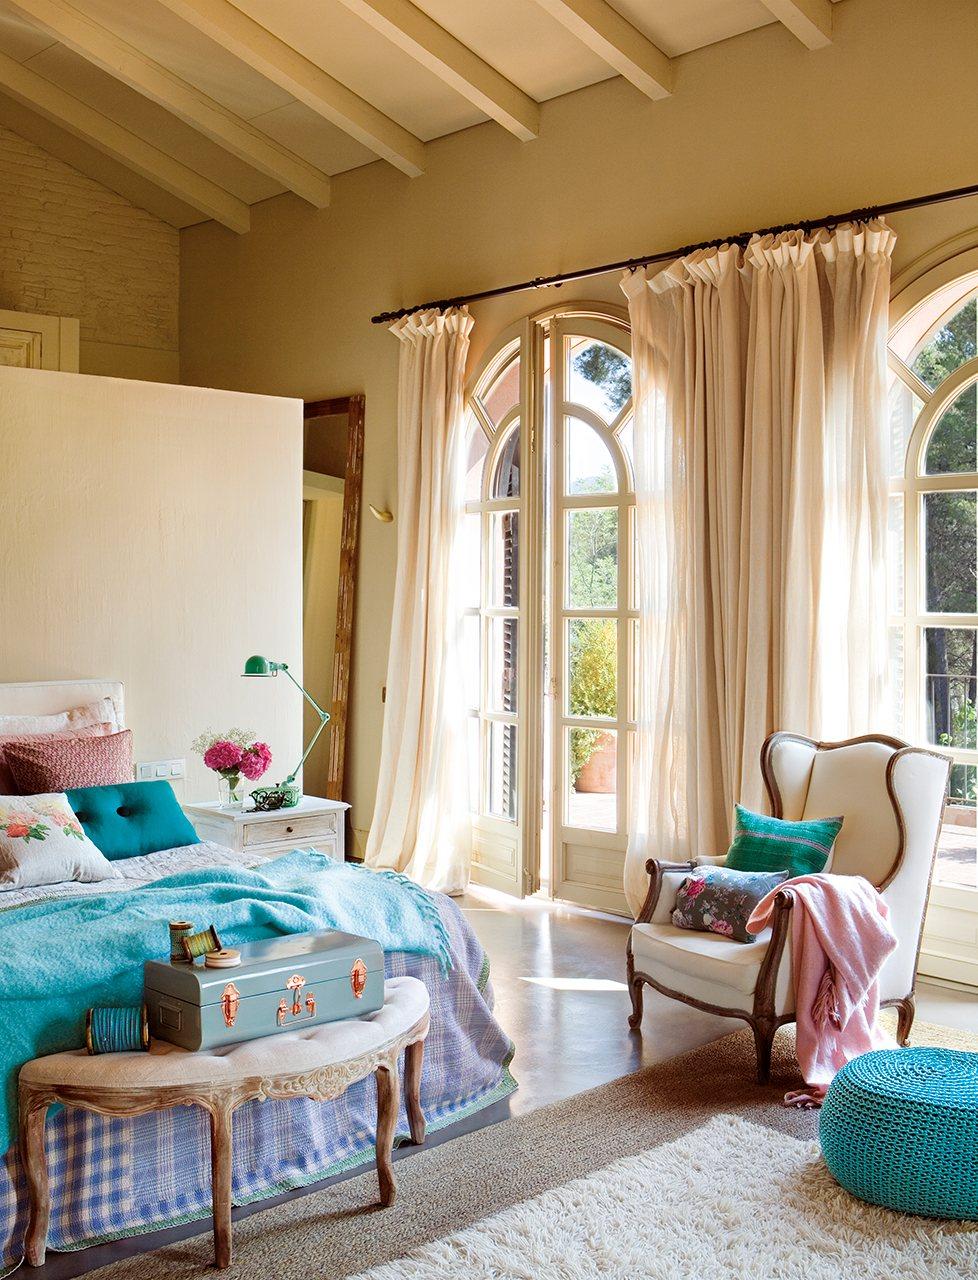 chambre-a-coucher-adulte-lit-adulte-idée-déco-design-d'intérieur-bleu-aigue-marine-chambre-rustique